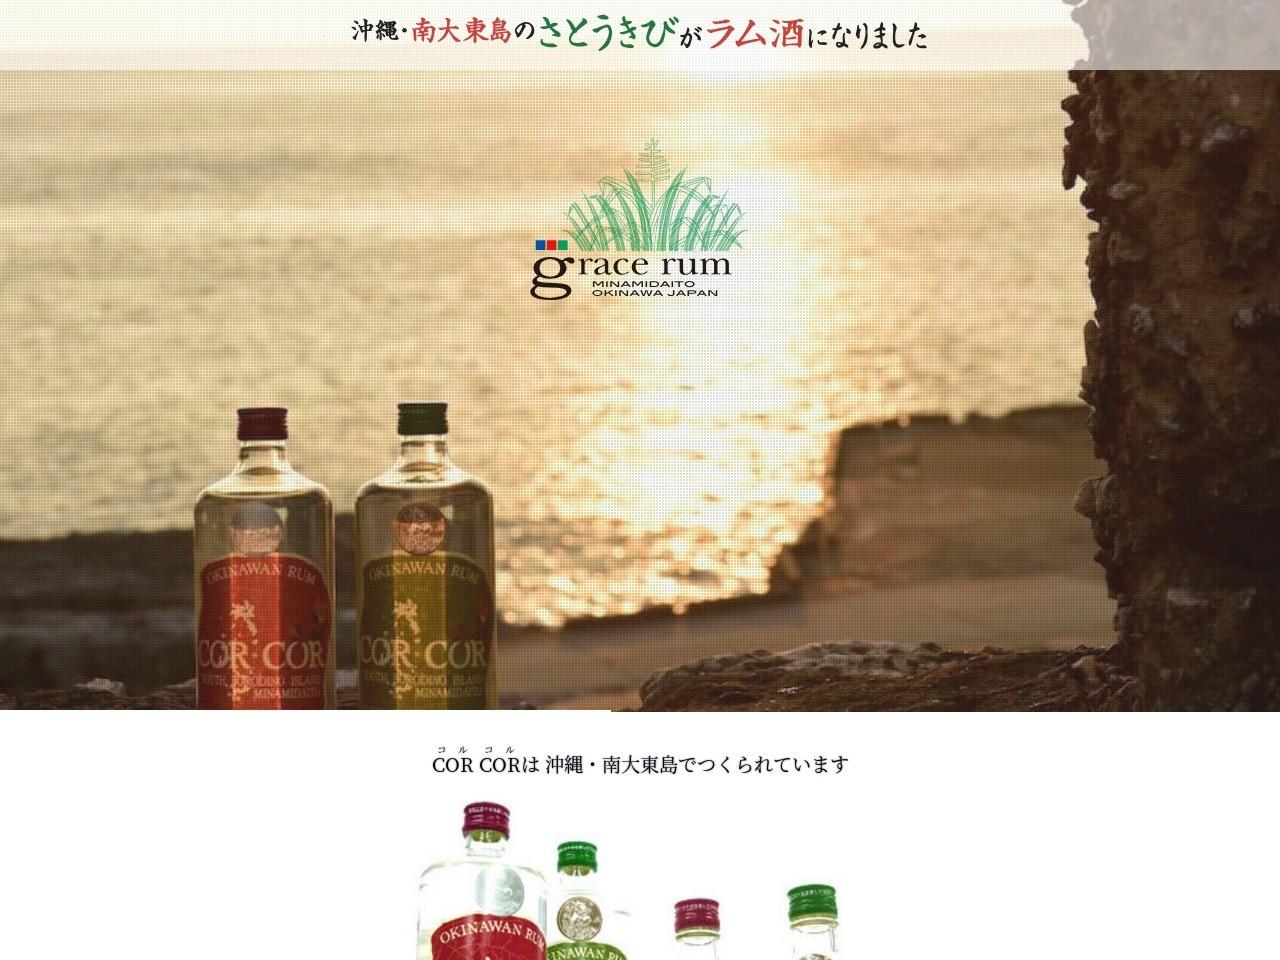 グレイスラム | 沖縄・南大東島のさとうきびがラム酒になりました。無添加・無着色の県産ラム酒です。株式会社グレイスラム のオフィシャルサイトです。